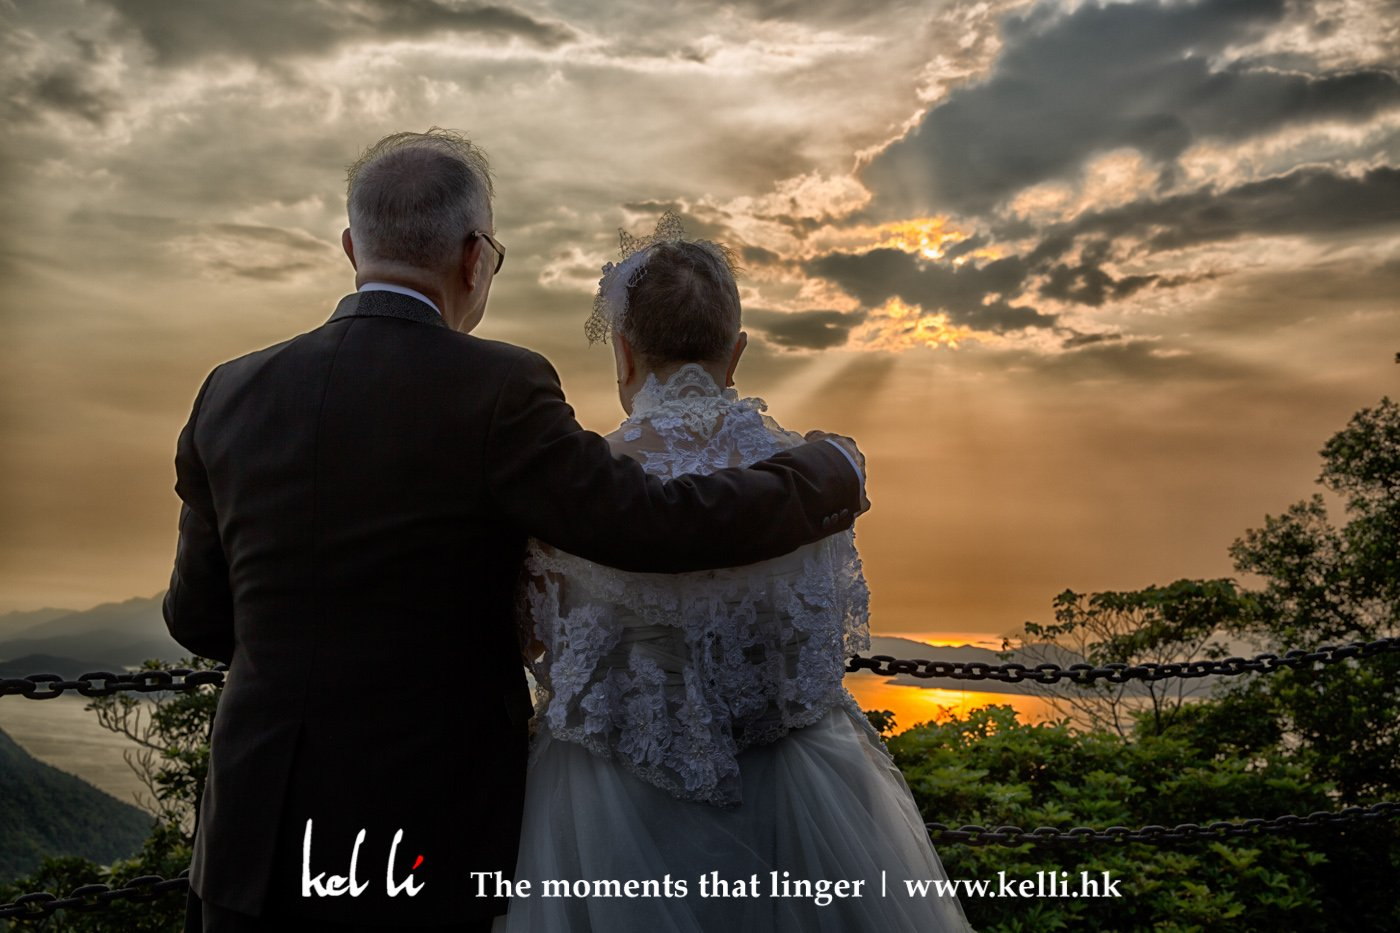 我們一生有不同的追求,到了後來才體會到平淡是福,老來能與另一半依偎看著日落才覺得是最幸福的